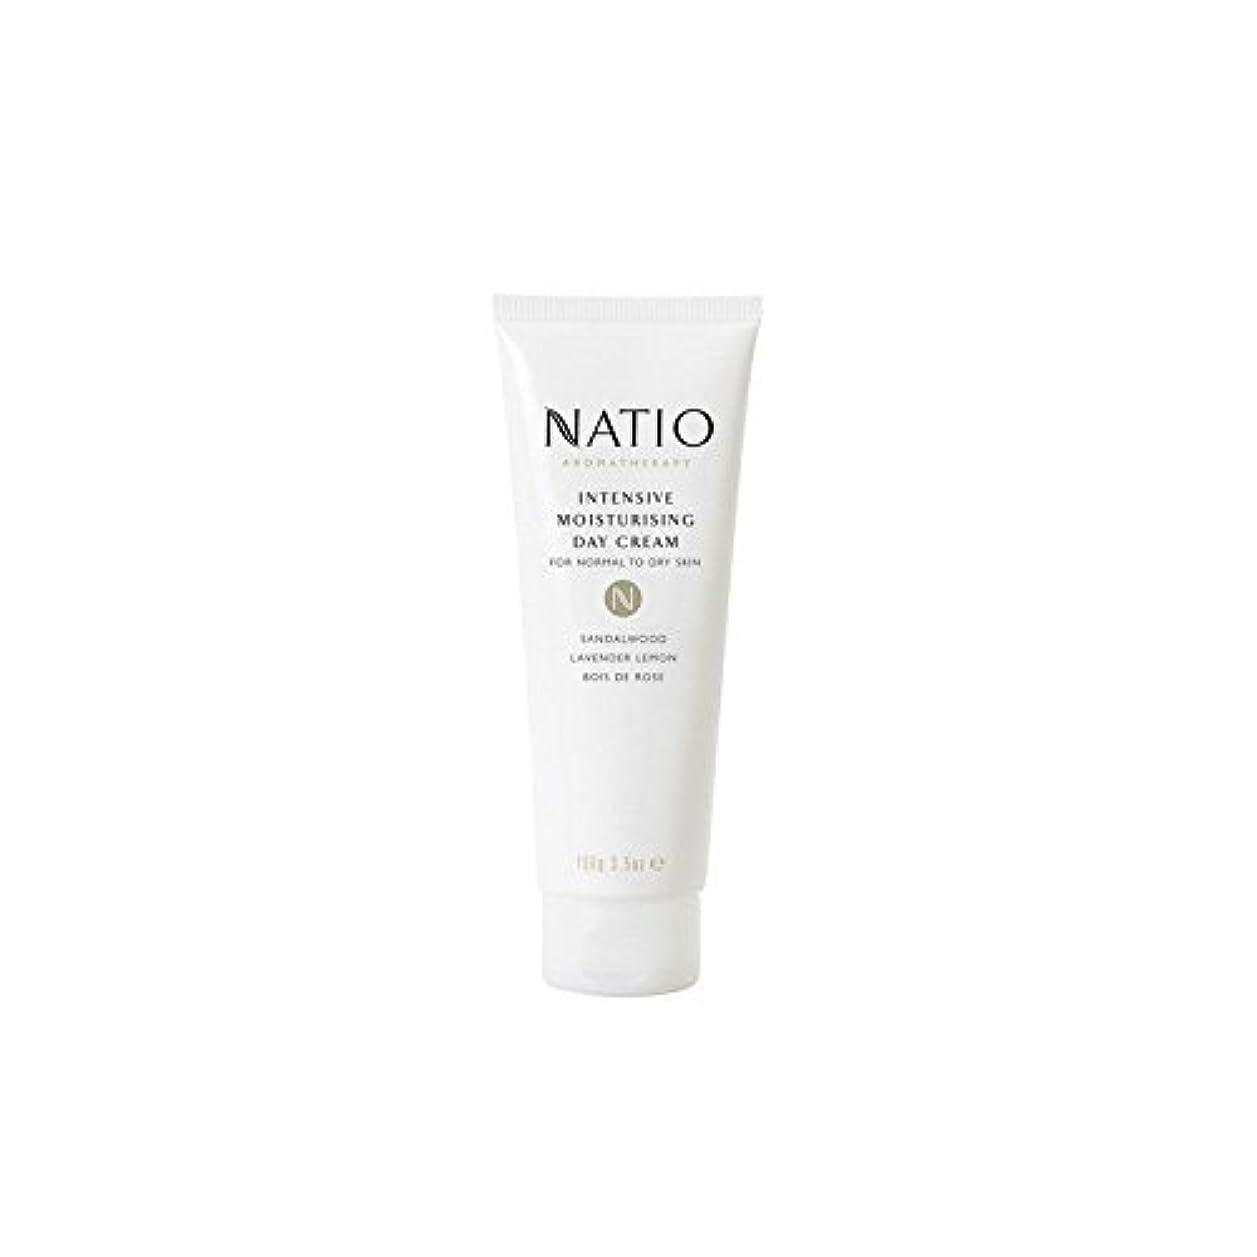 雑種グローブ単なる集中的な保湿デイクリーム(100グラム) x4 - Natio Intensive Moisturising Day Cream (100G) (Pack of 4) [並行輸入品]